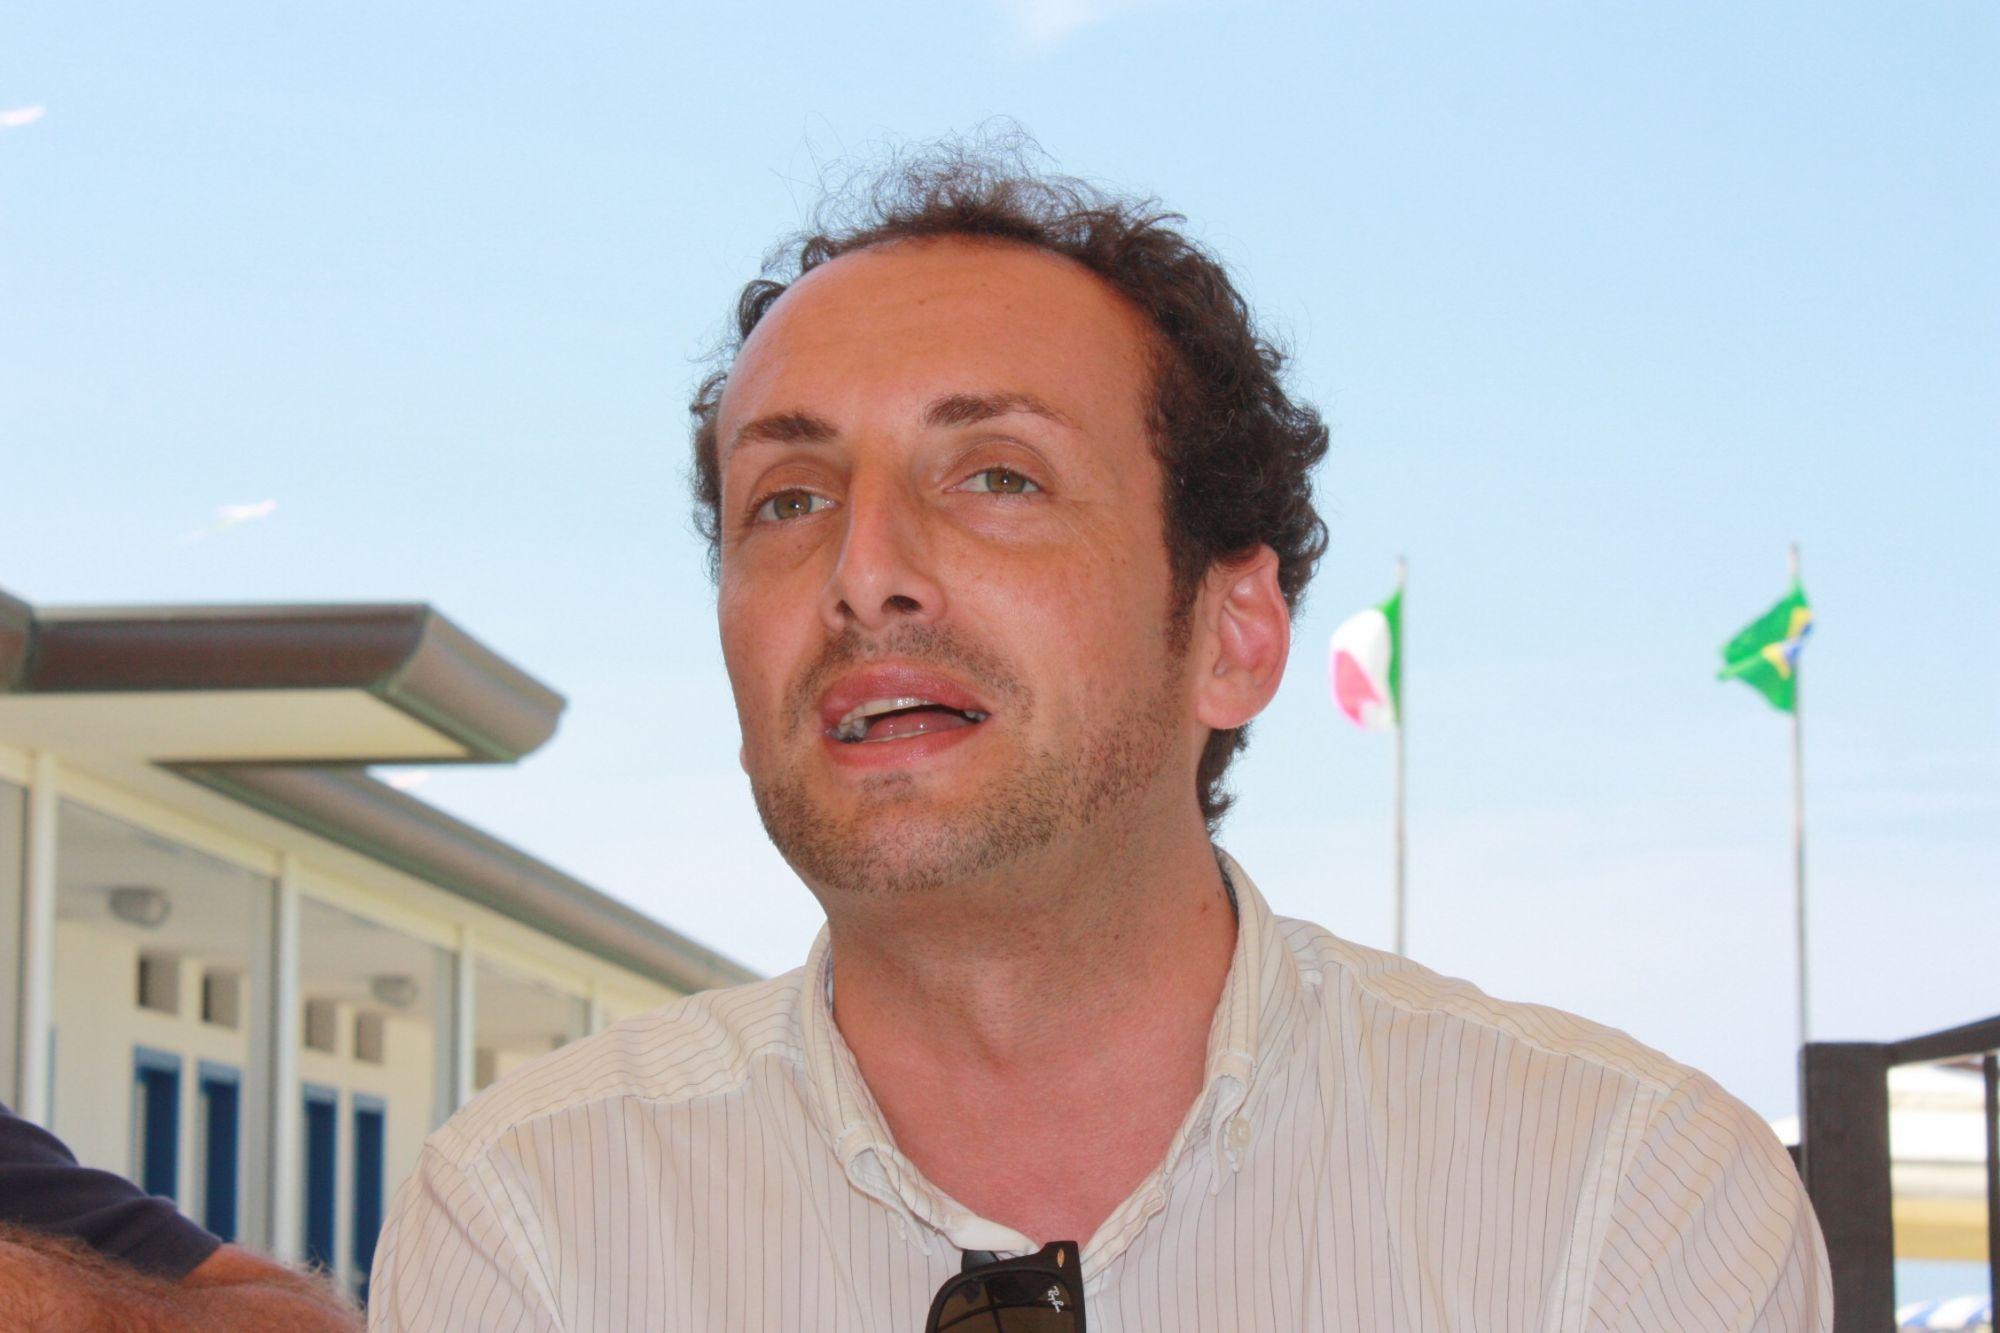 Pd Camaiore all'unanimità, è Del Dotto il candidato ufficiale